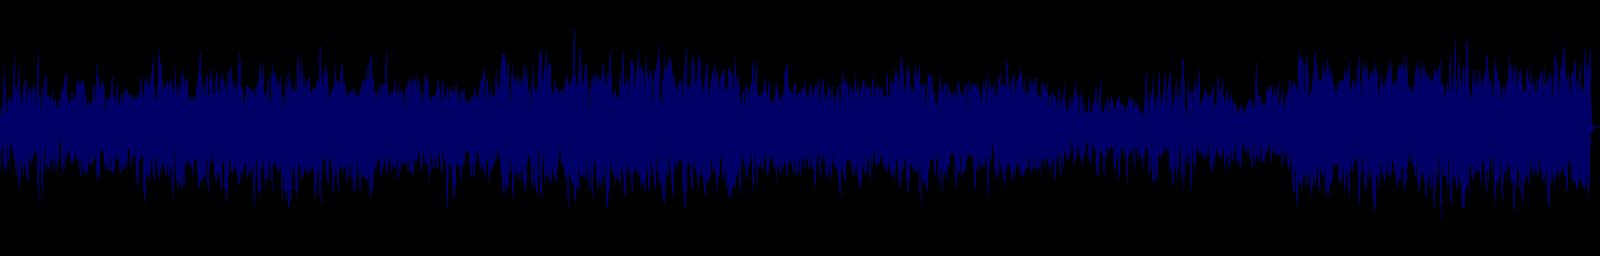 waveform of track #131670